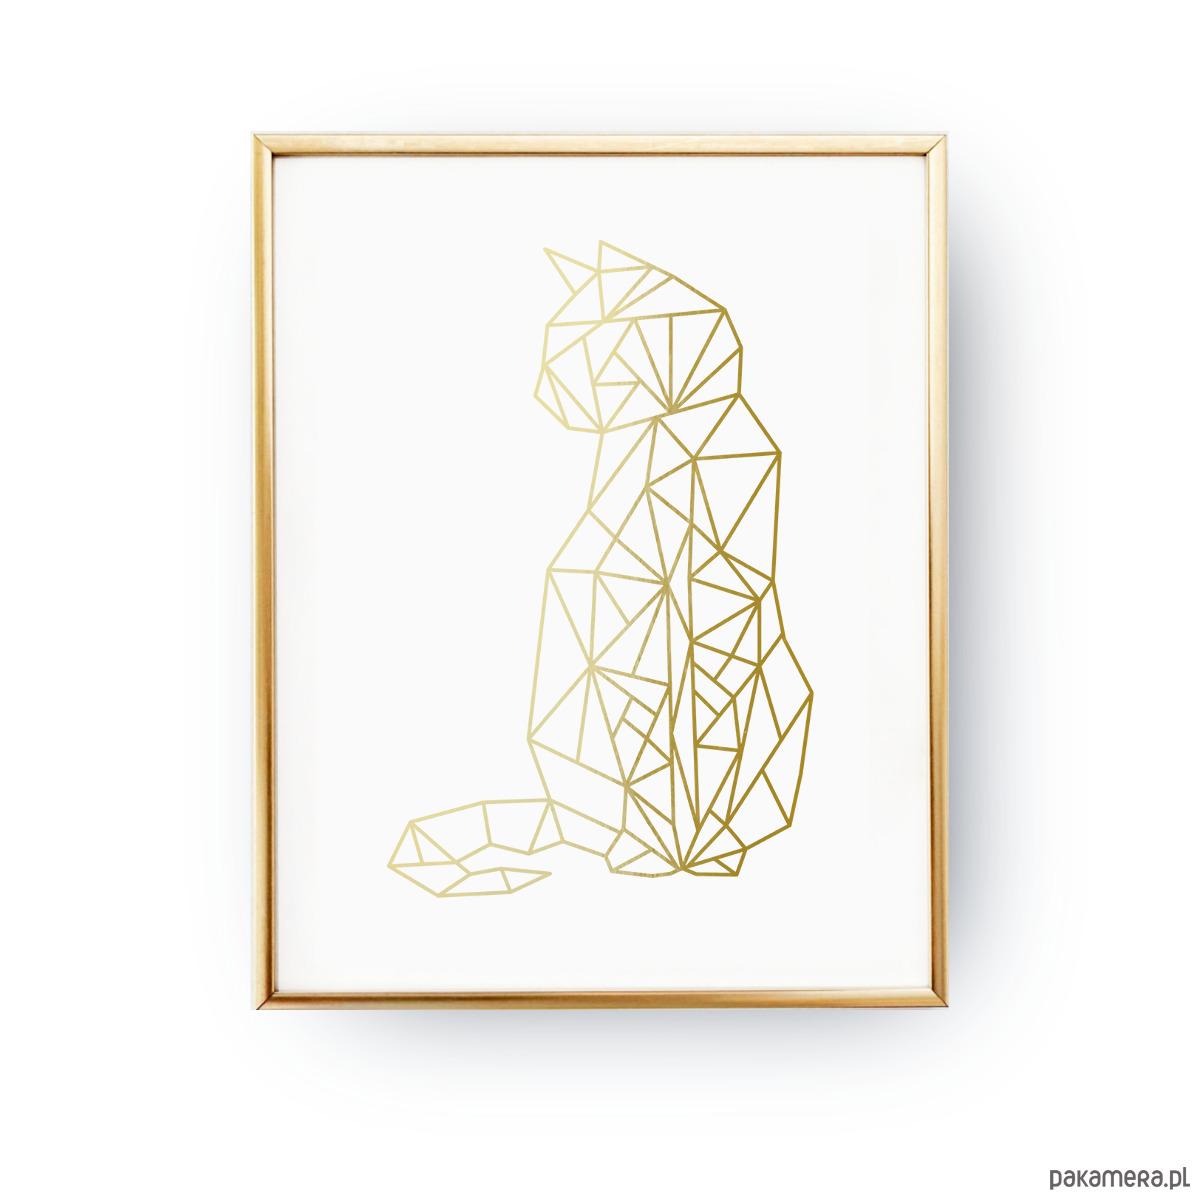 Geometryczny Kot Złota Folia Plakaty Pakamerapl